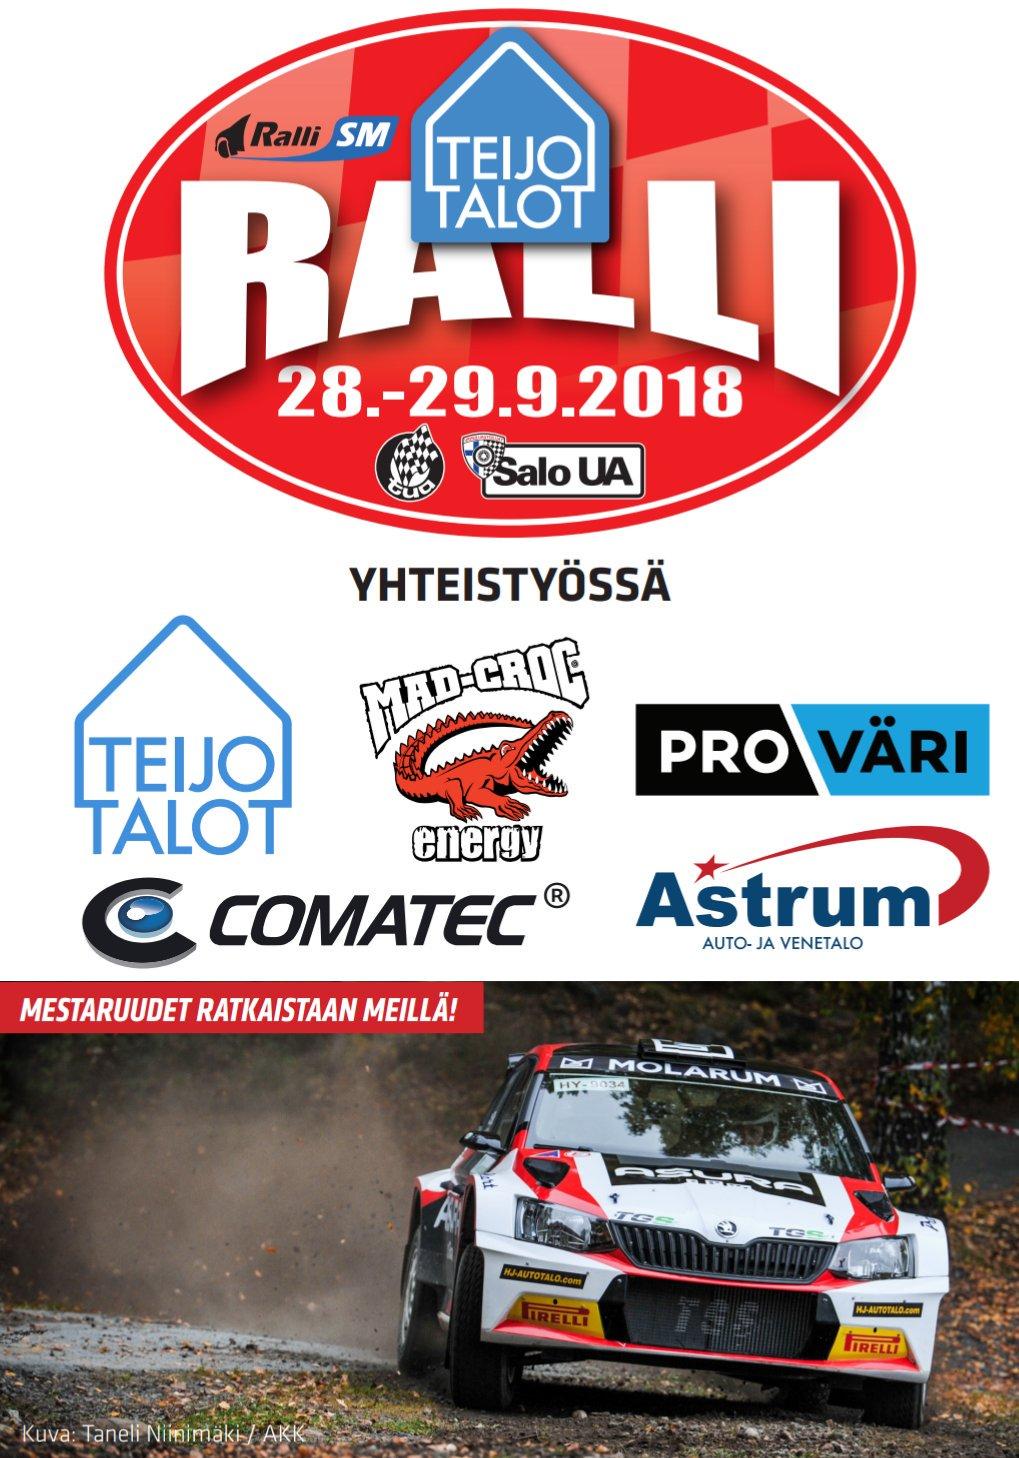 Nacionales de Rallyes Europeos(y no Europeos) 2018: Información y novedades - Página 15 Db-EZiZWAAA41hp